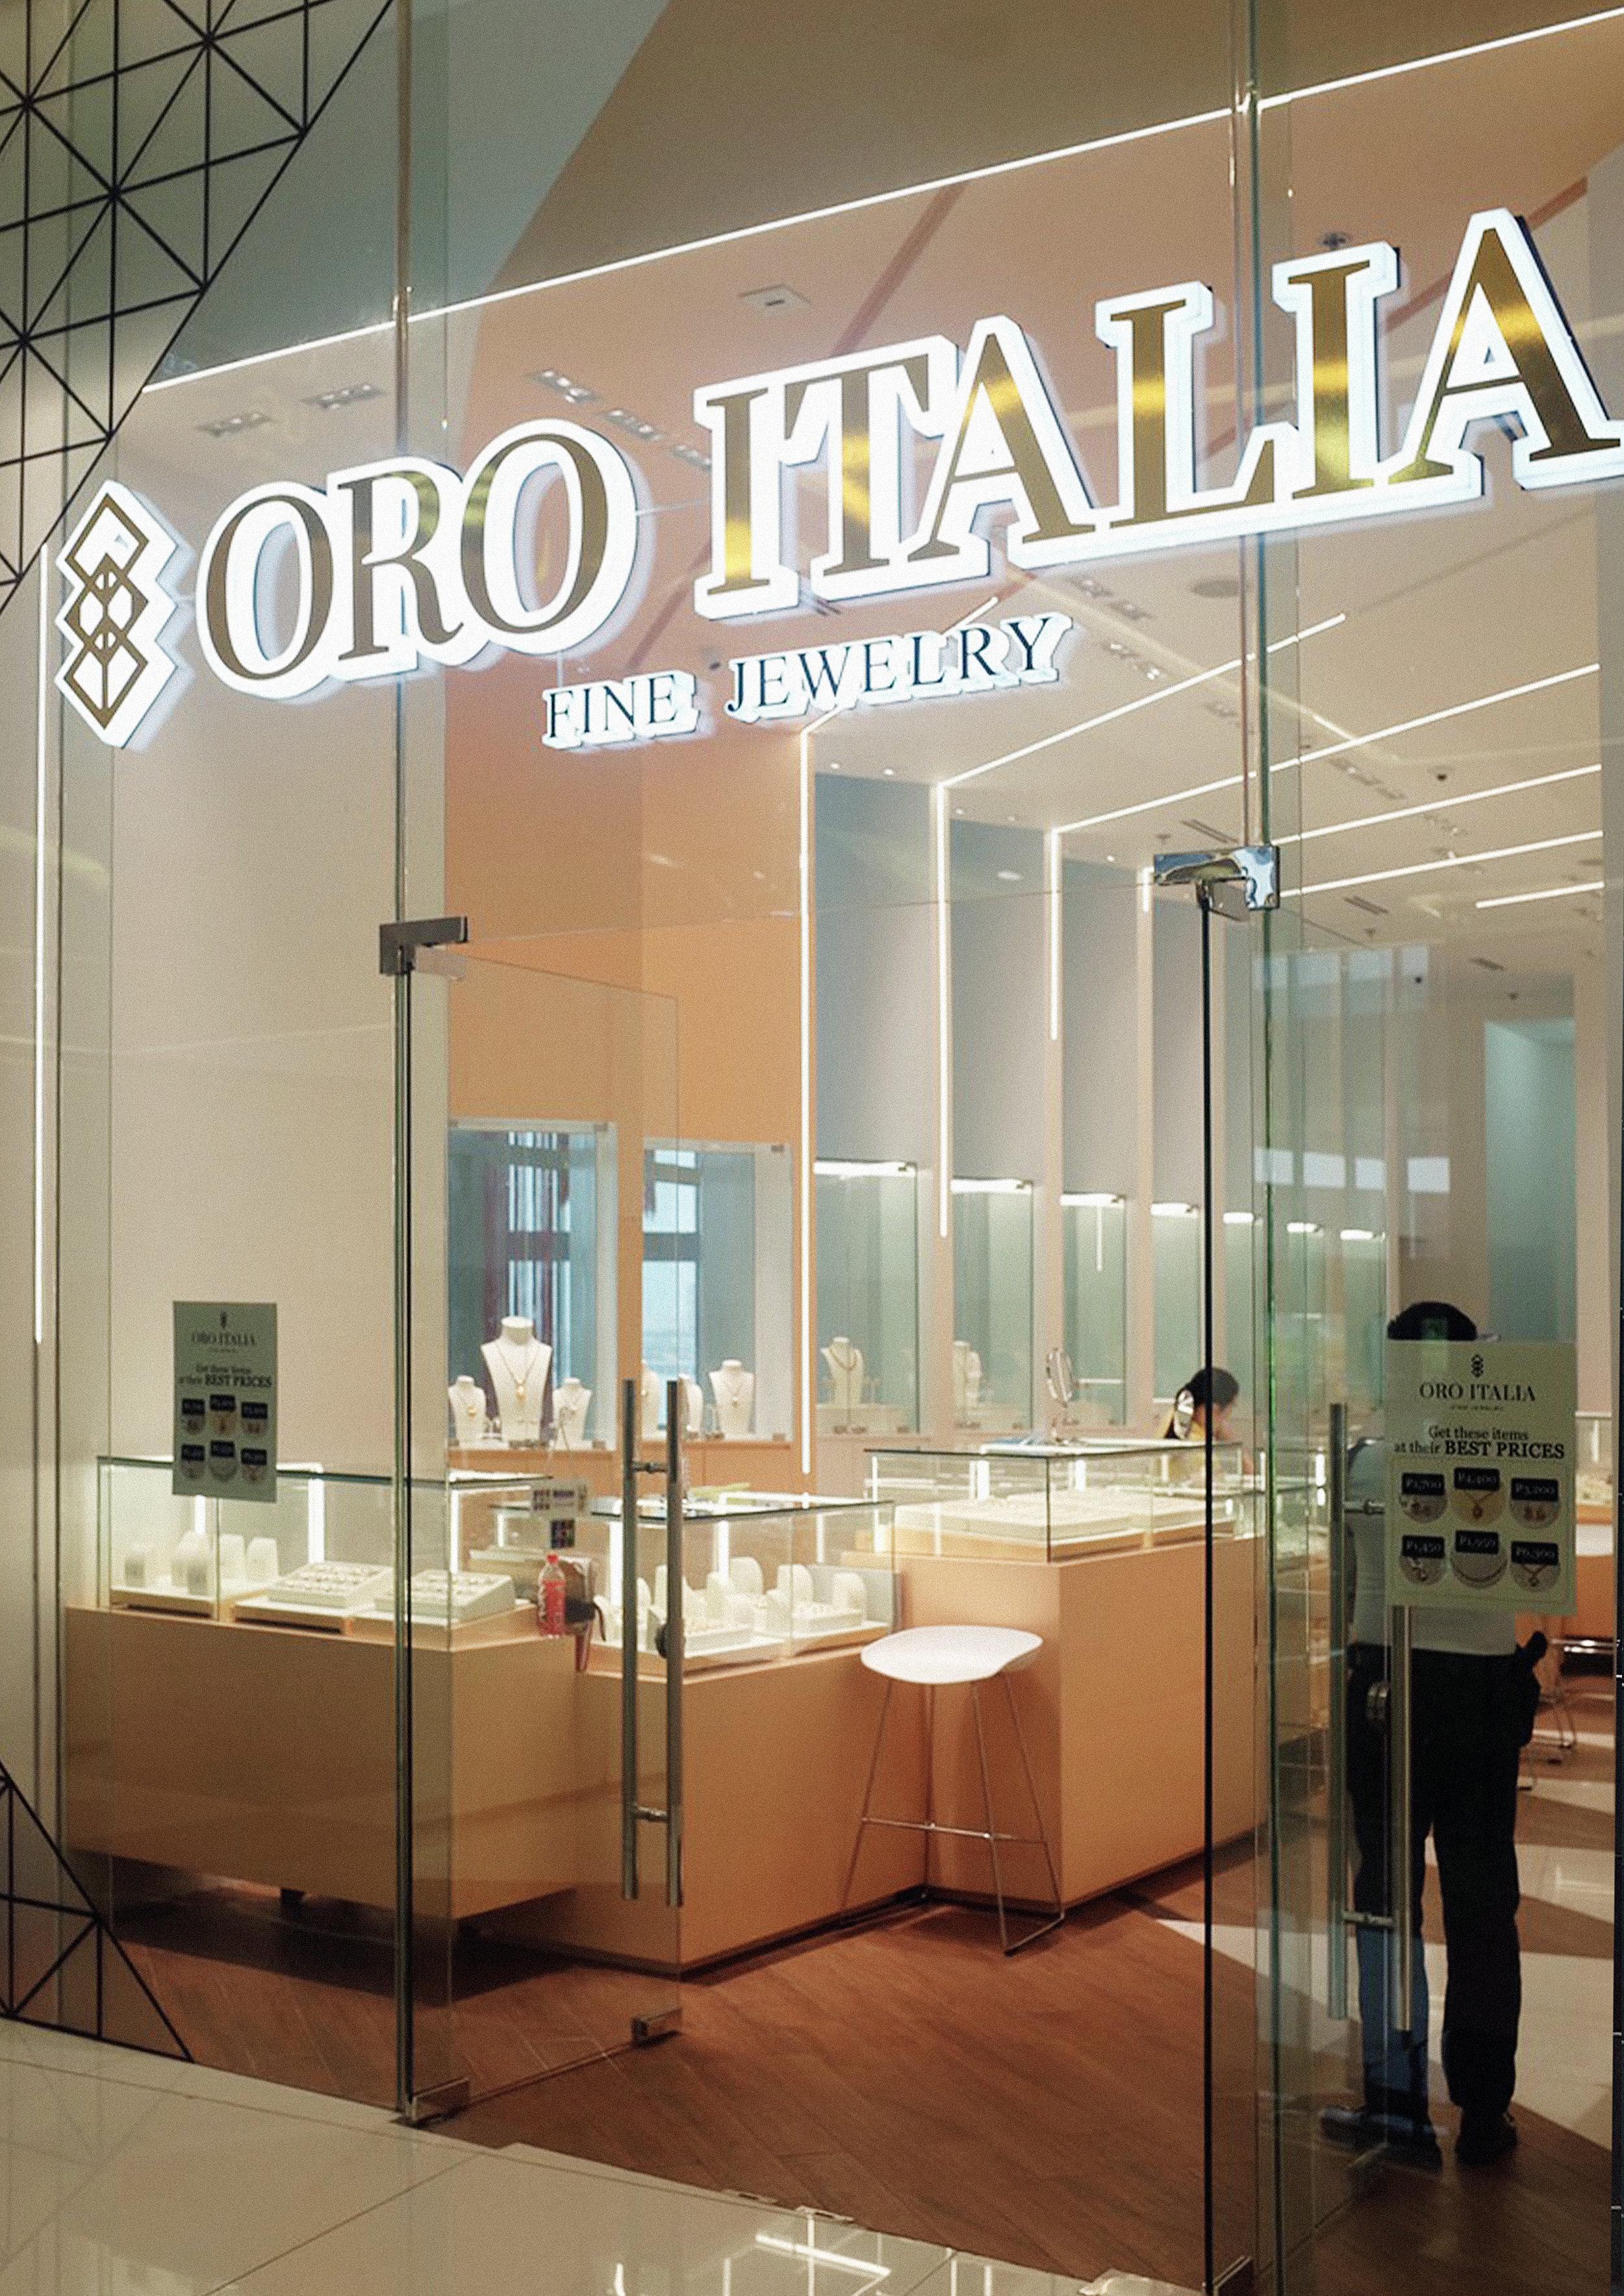 Oro Italia